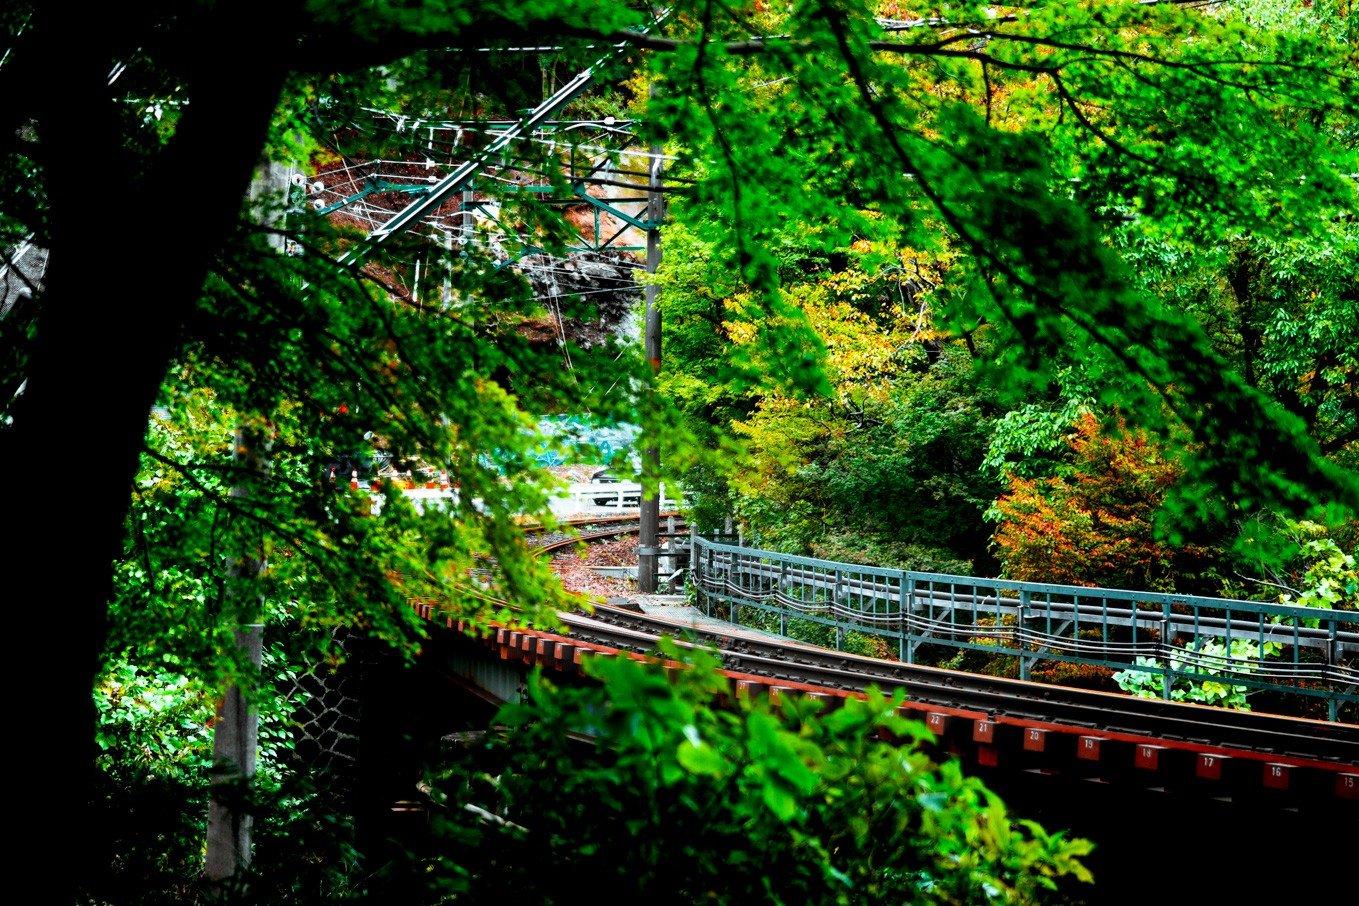 箱根登山鉄道強羅駅近辺運休中の線路